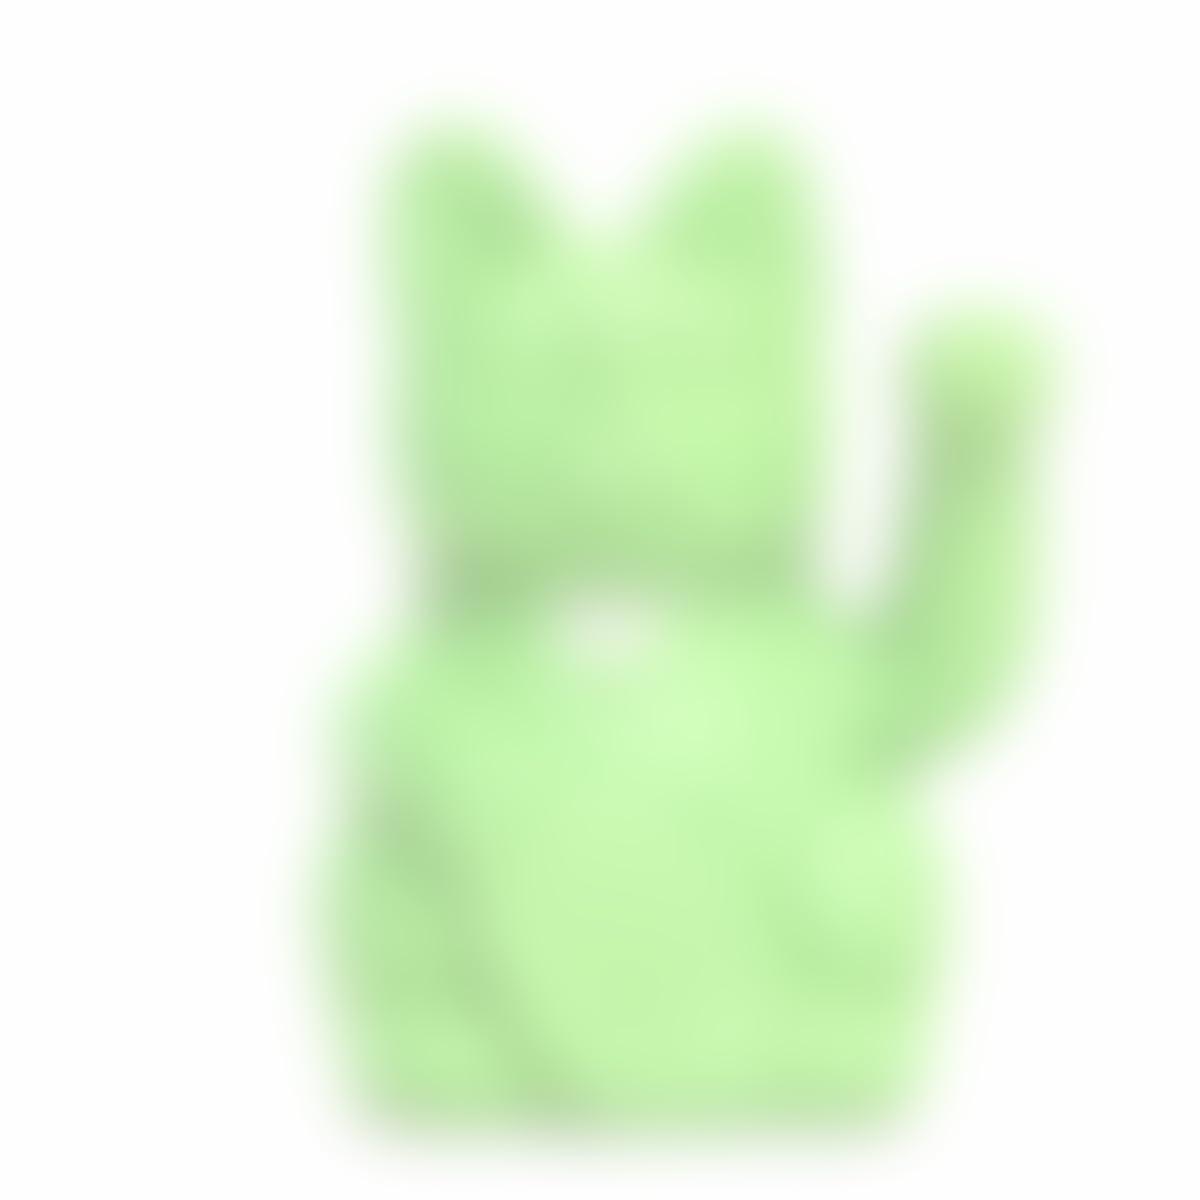 Lucky Cat Gl/ück f/ür ihre Kinder.12x9x18cm Der klassische Gl/ücksbringer in winkender Katzengestallt oder Maneki-Neko in fr/öhlichen Farben MOJITO GR/ÜN: Fruchtbarkeit